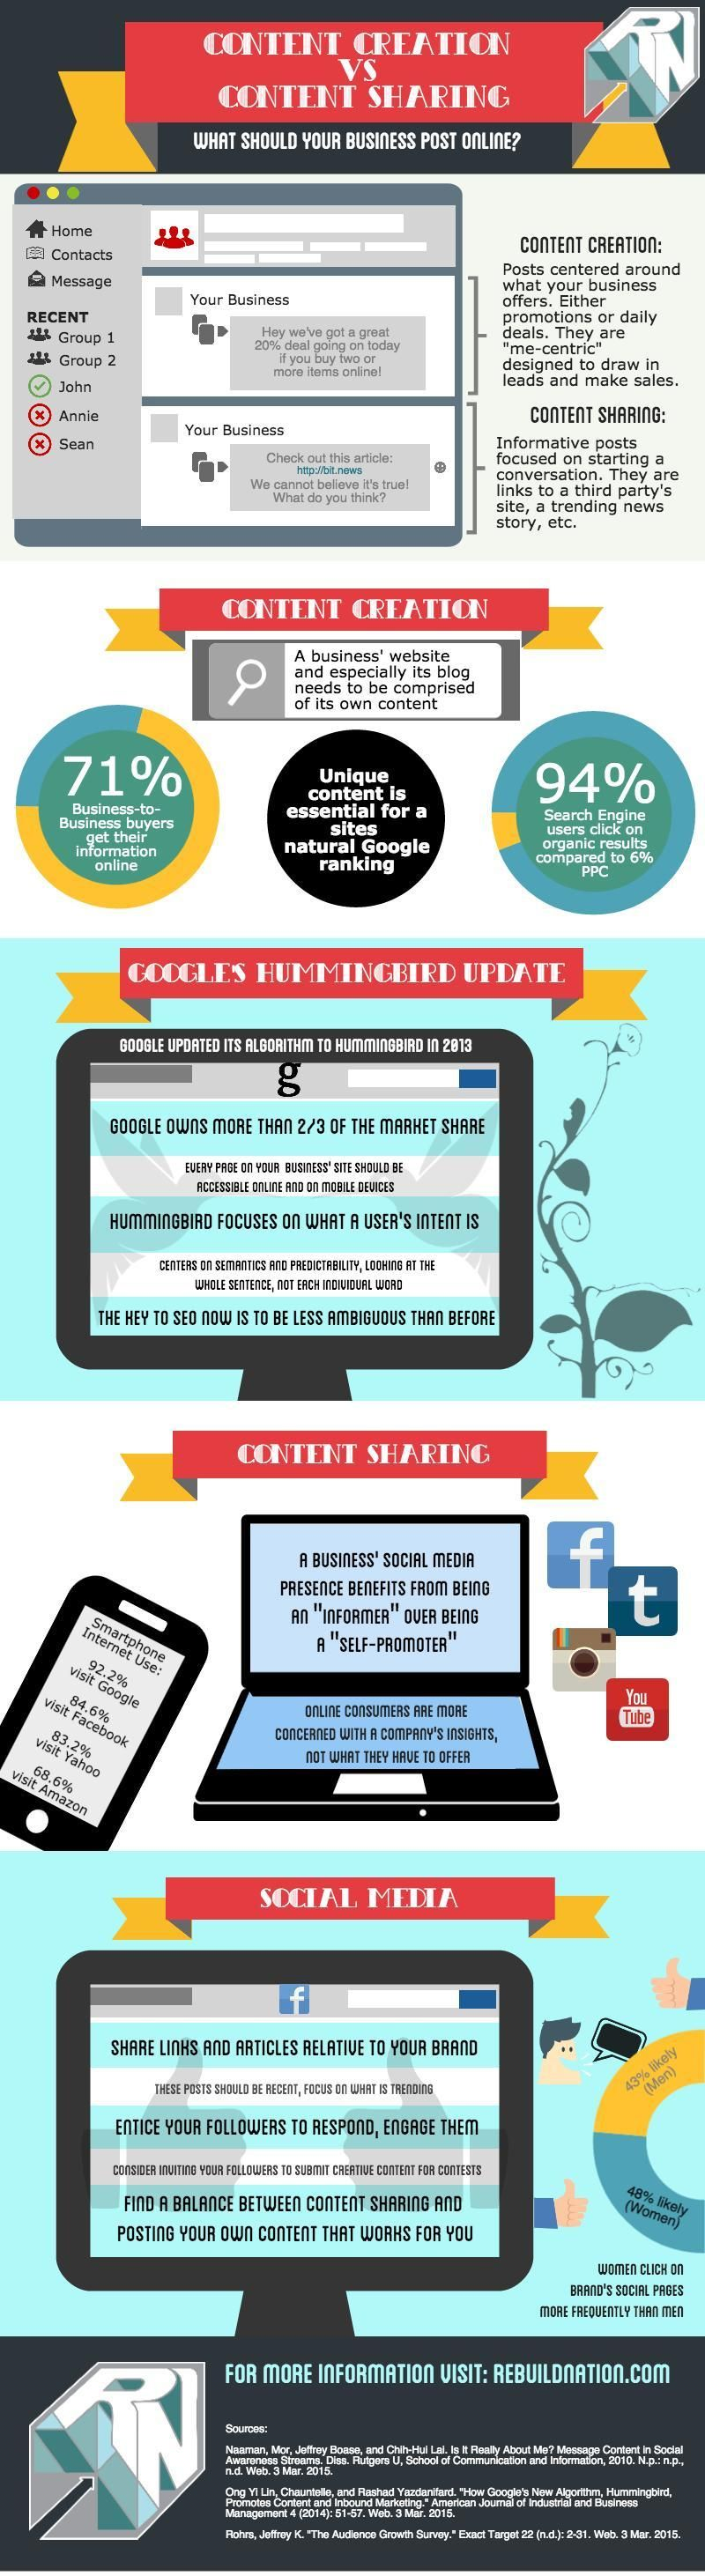 création de contenu ou contenu de curation ? #content #contenus via Création de contenu et partage de contenu tiers : trouver le bon mix Jamais facile de trouver le juste milieux !